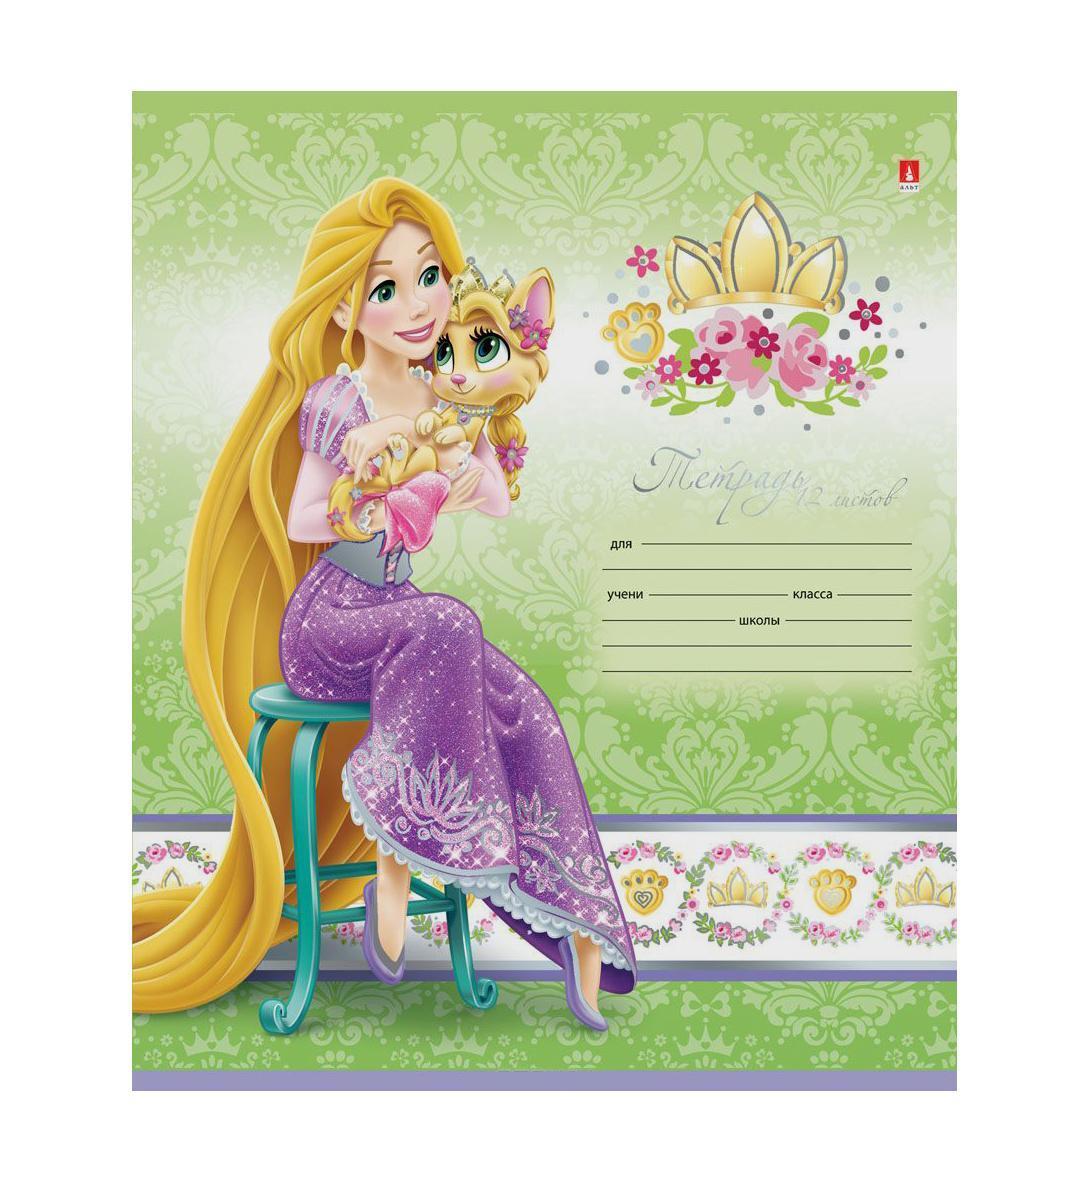 Набор тетрадей Альт Принцессы, 12 листов, 10 шт72523WDНедорогие тетради Альт Принцессы, выполнены их бумаги и картона высшего качества. Плотная, белая, мелованная бумага (60 г/кв.м) используется в блоках этих тетрадей. Картон обложки имеет высокую плотность 115 г/кв.м.В набор тетрадей Принцессы входят 10 штук с пятью разными изображениями принцесс. Обложки формата А5 (165 х 203 мм) сделаны из качественной мелованной бумаги 115 г/кв м. В блоках по 12 листов в клетку с предварительно размеченными красными полями. Белая мелованная бумага 60 грамм подходит для записей любыми ручками. Принцессы – неизменные спутницы счастливого, беззаботного детства, с которым младшие школьницы еще не спешат прощаться в начальных классах.